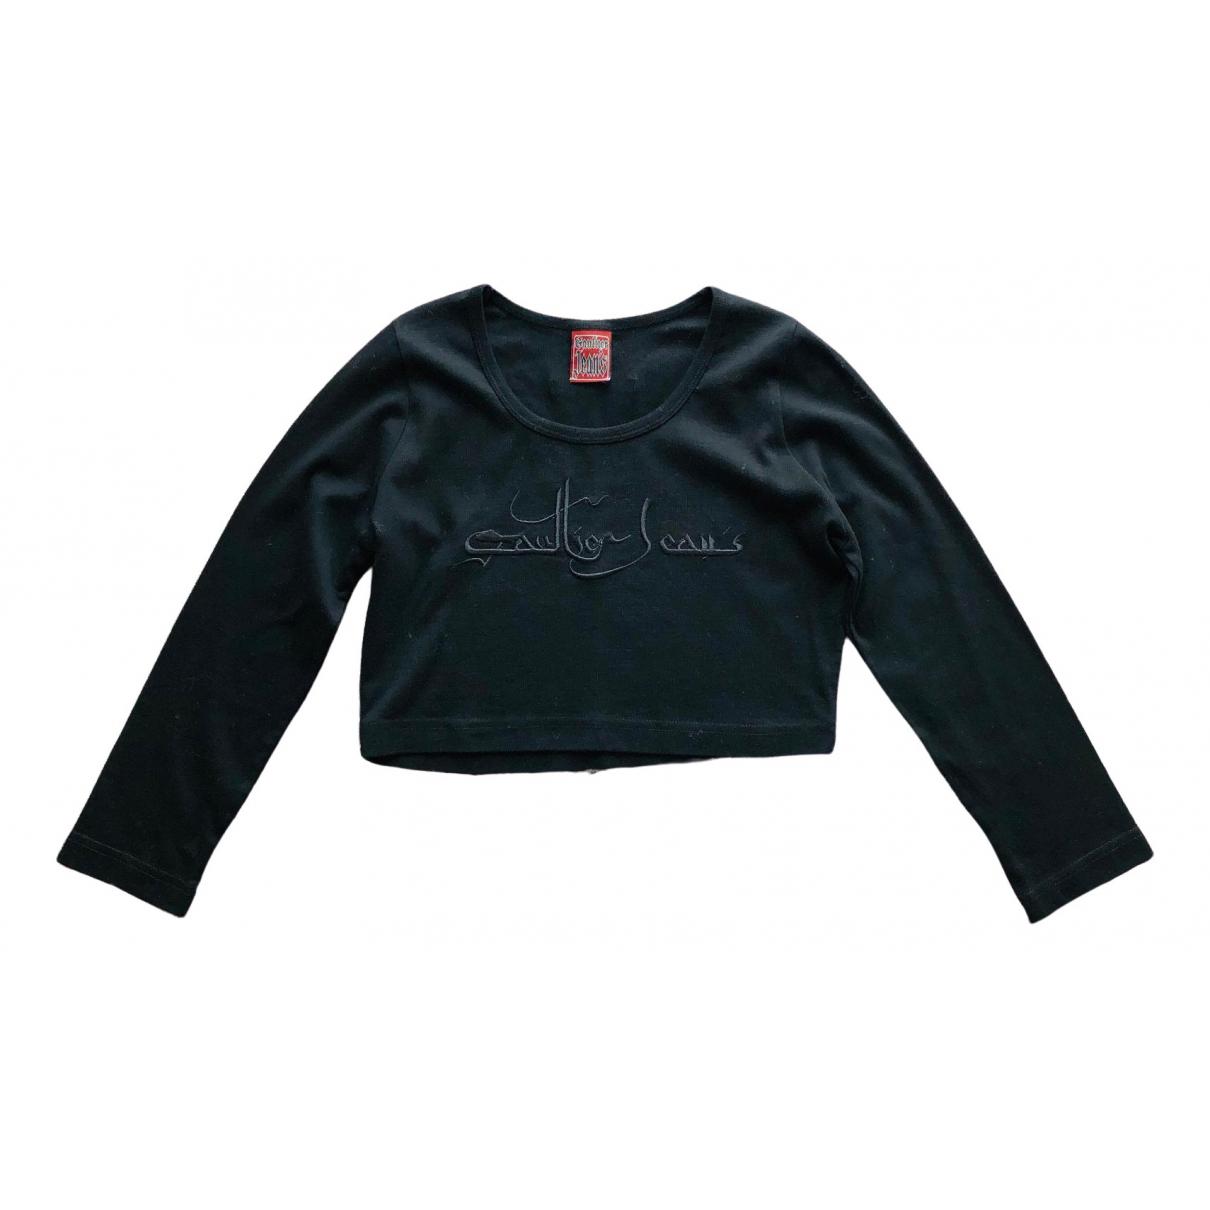 Jean Paul Gaultier \N Black Cotton  top for Women M International